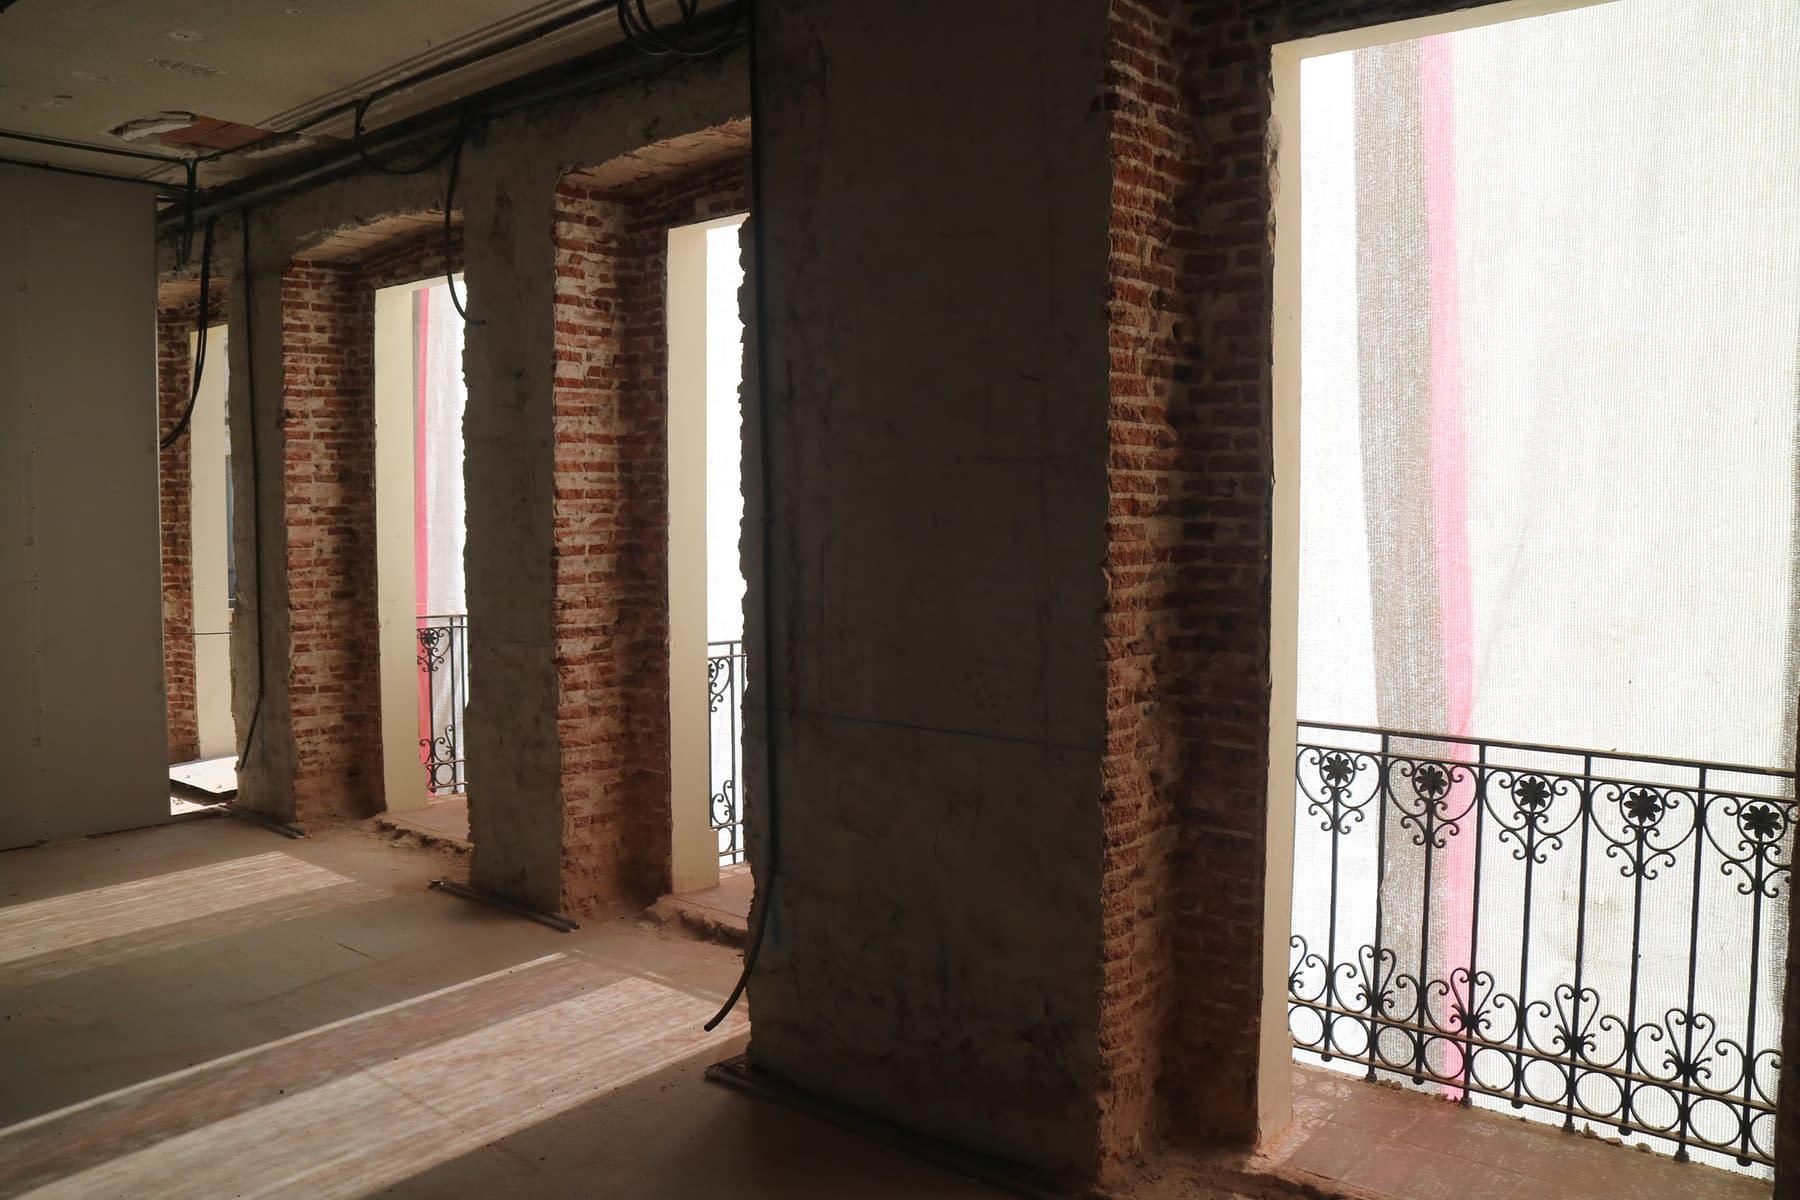 Rehabilitación integral edificio madrid Antonio Maura 8 (14)